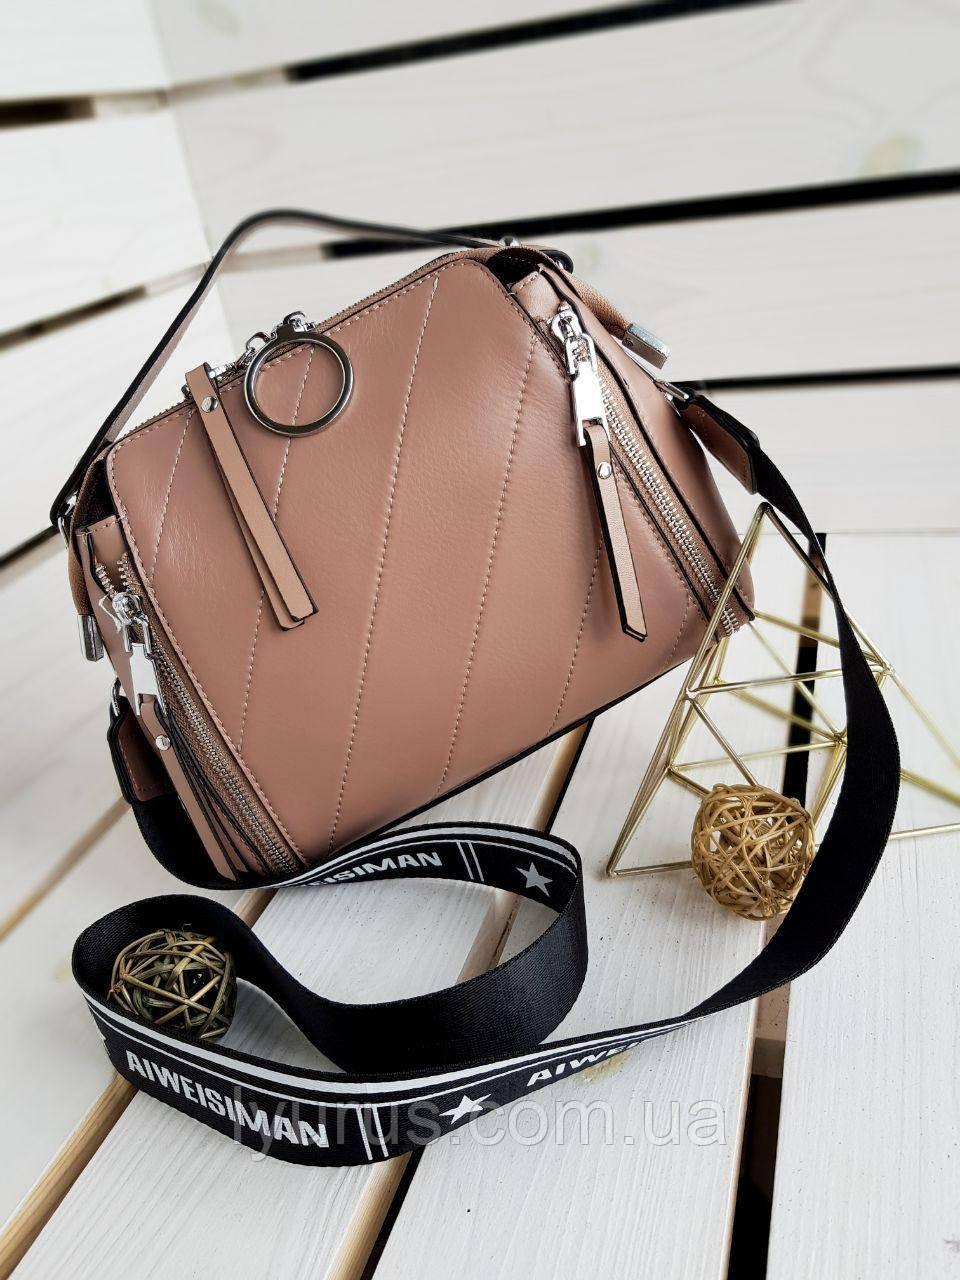 Кожаная женская сумка размером 23х18 см Коричневая (01095)